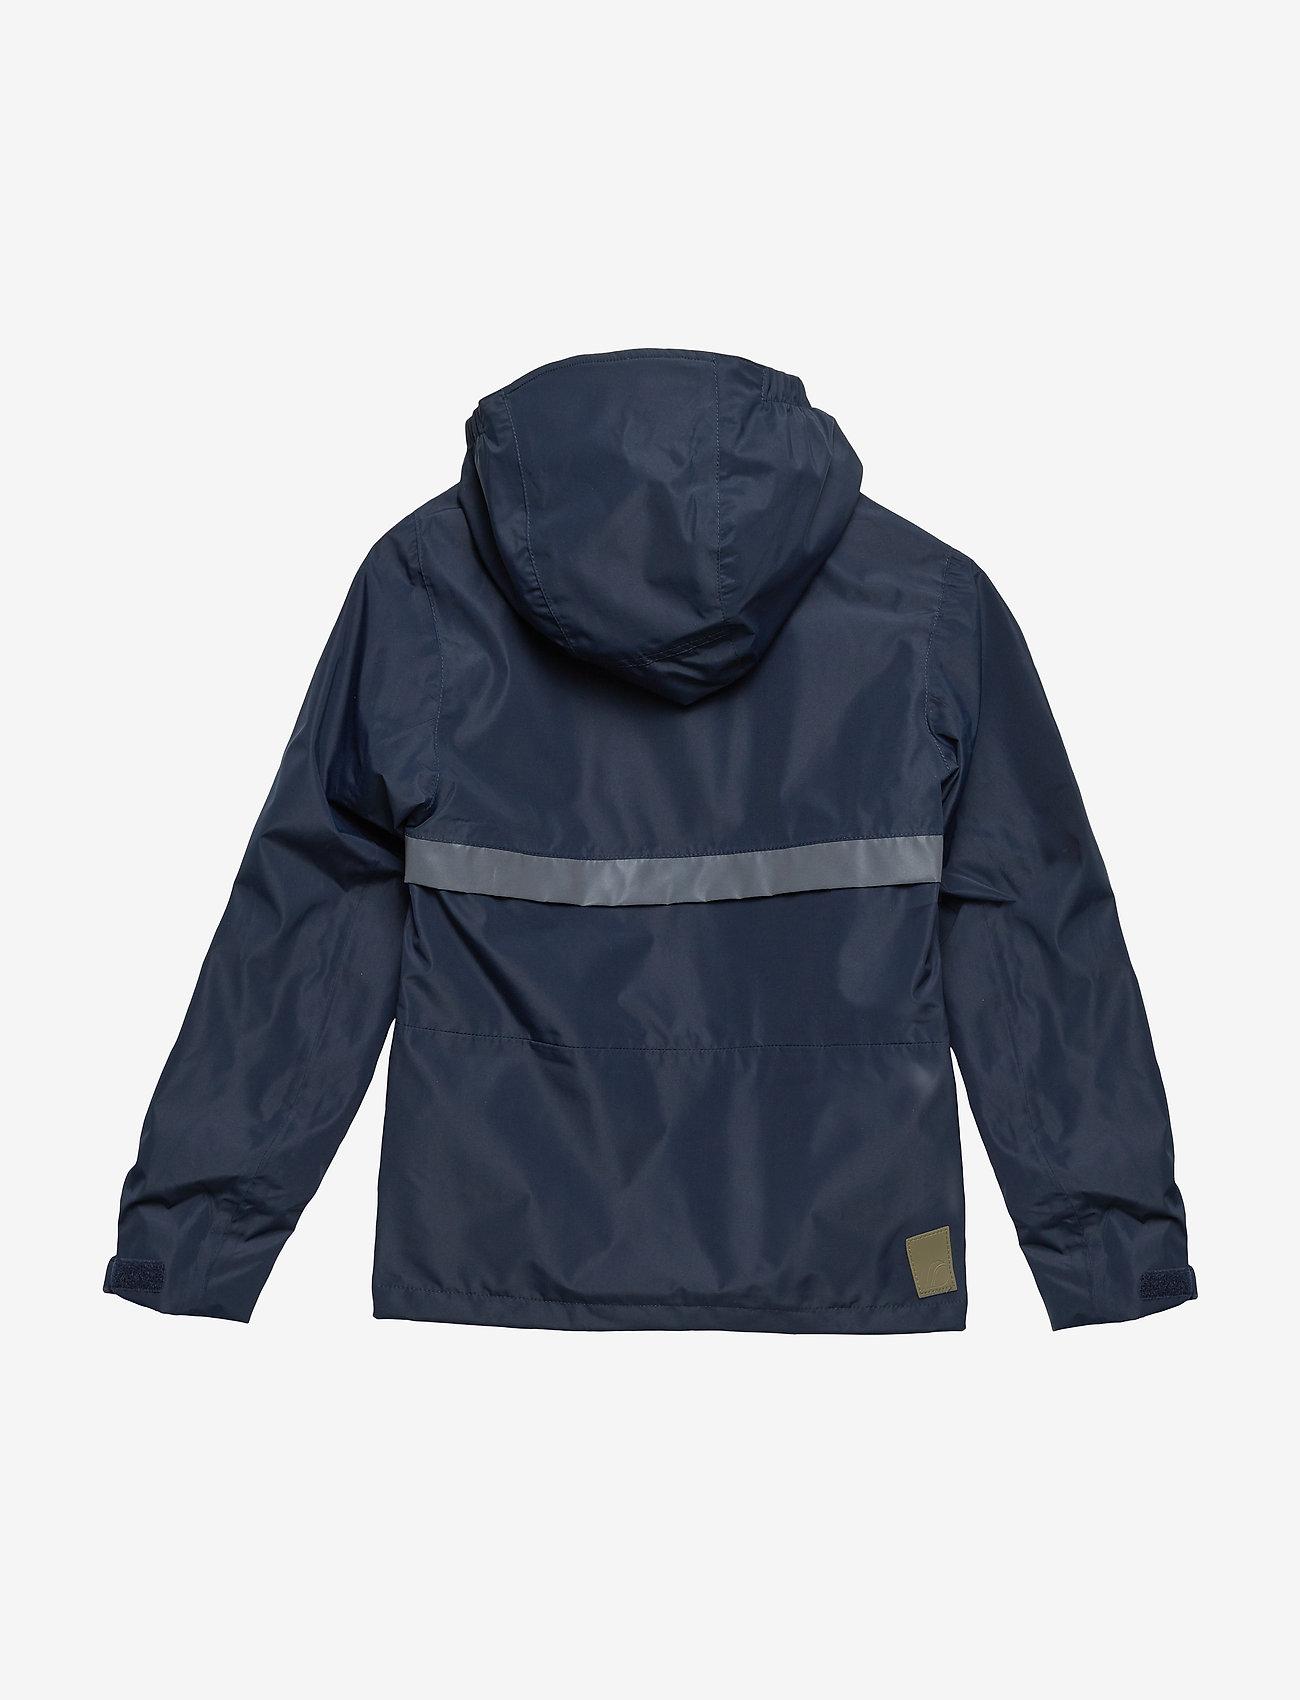 Didriksons - IGELKOTTEN KIDS JKT - shell jacket - navy - 1